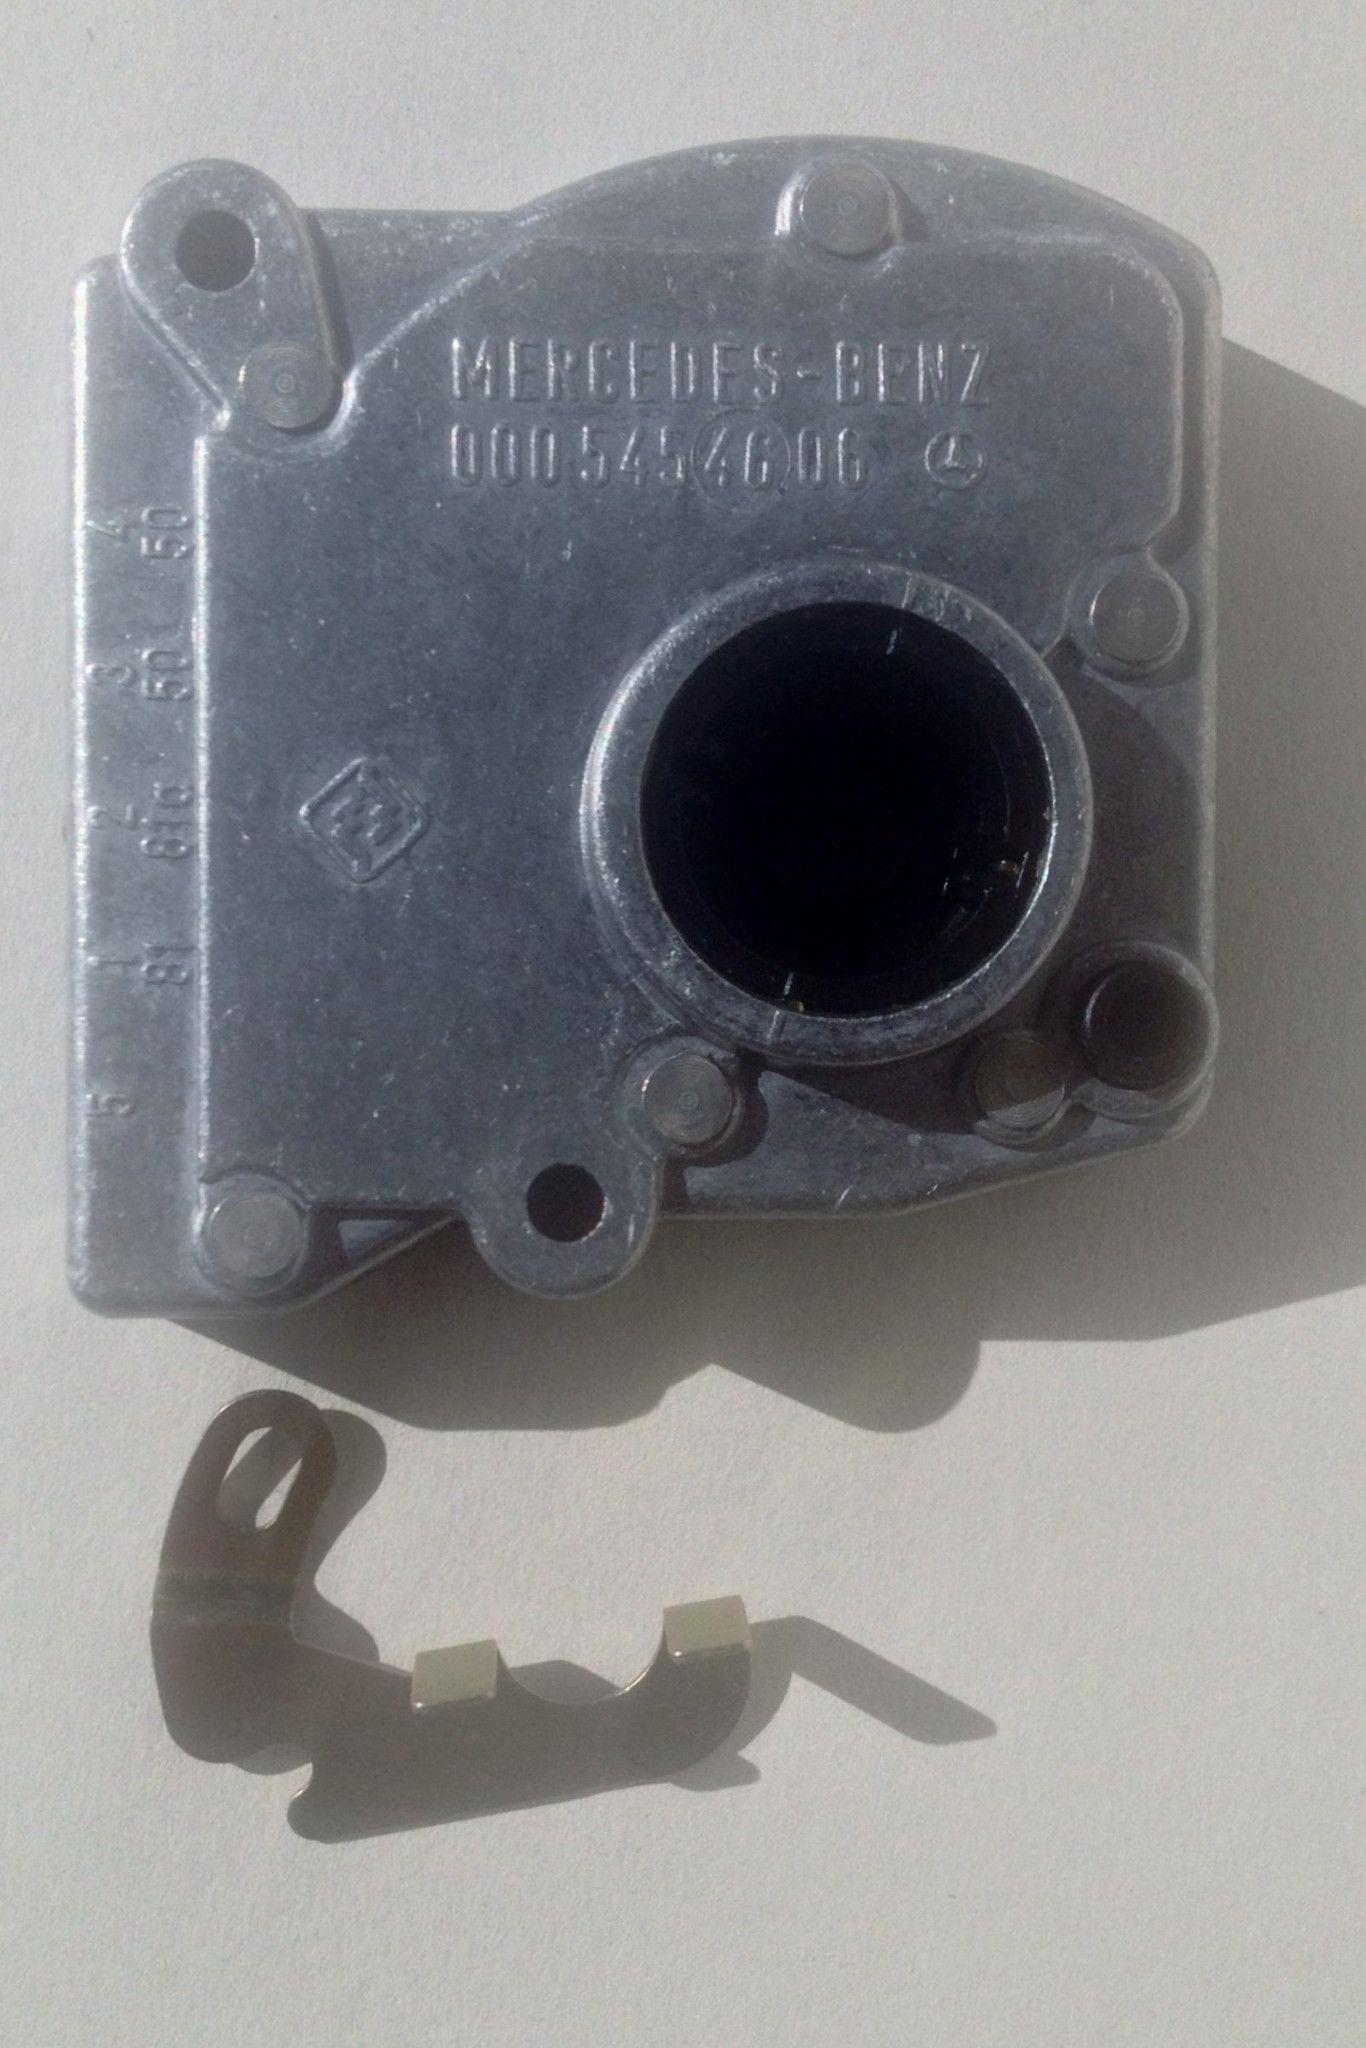 New genuine mercedesbenz neutral safety switch w/kit